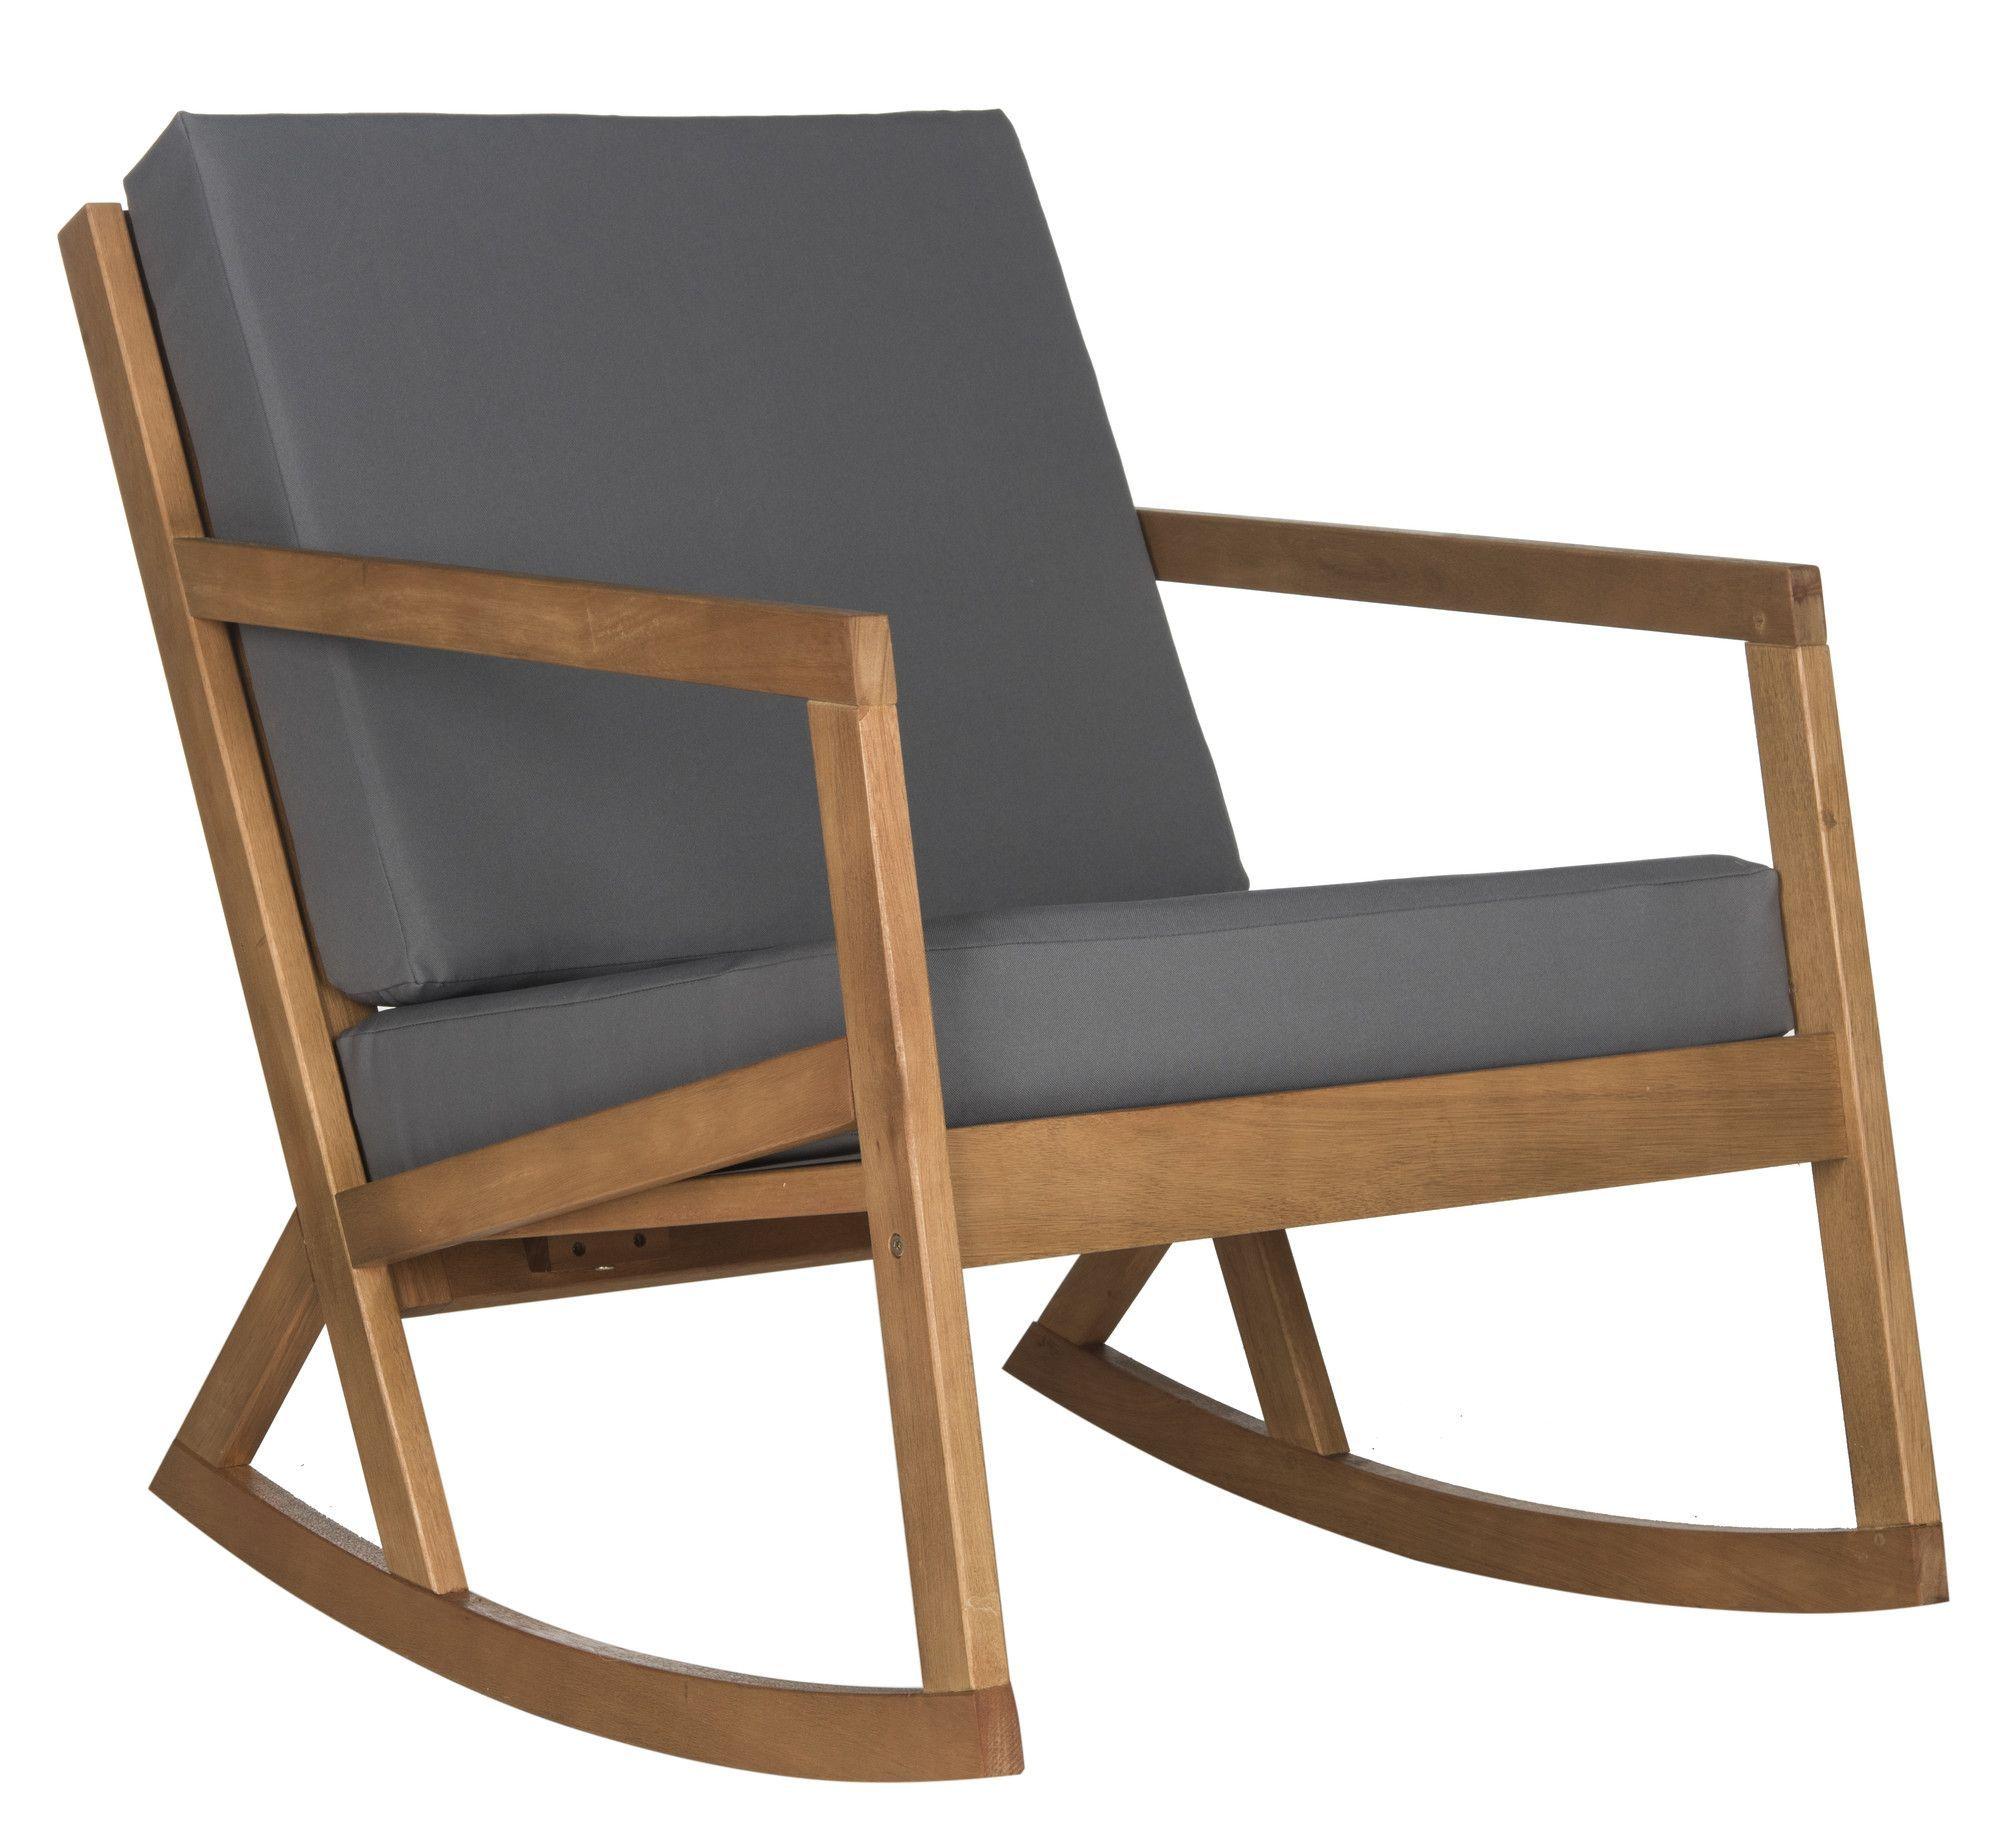 Vernon Patio Rocking Chair in Tan Aly Dallas